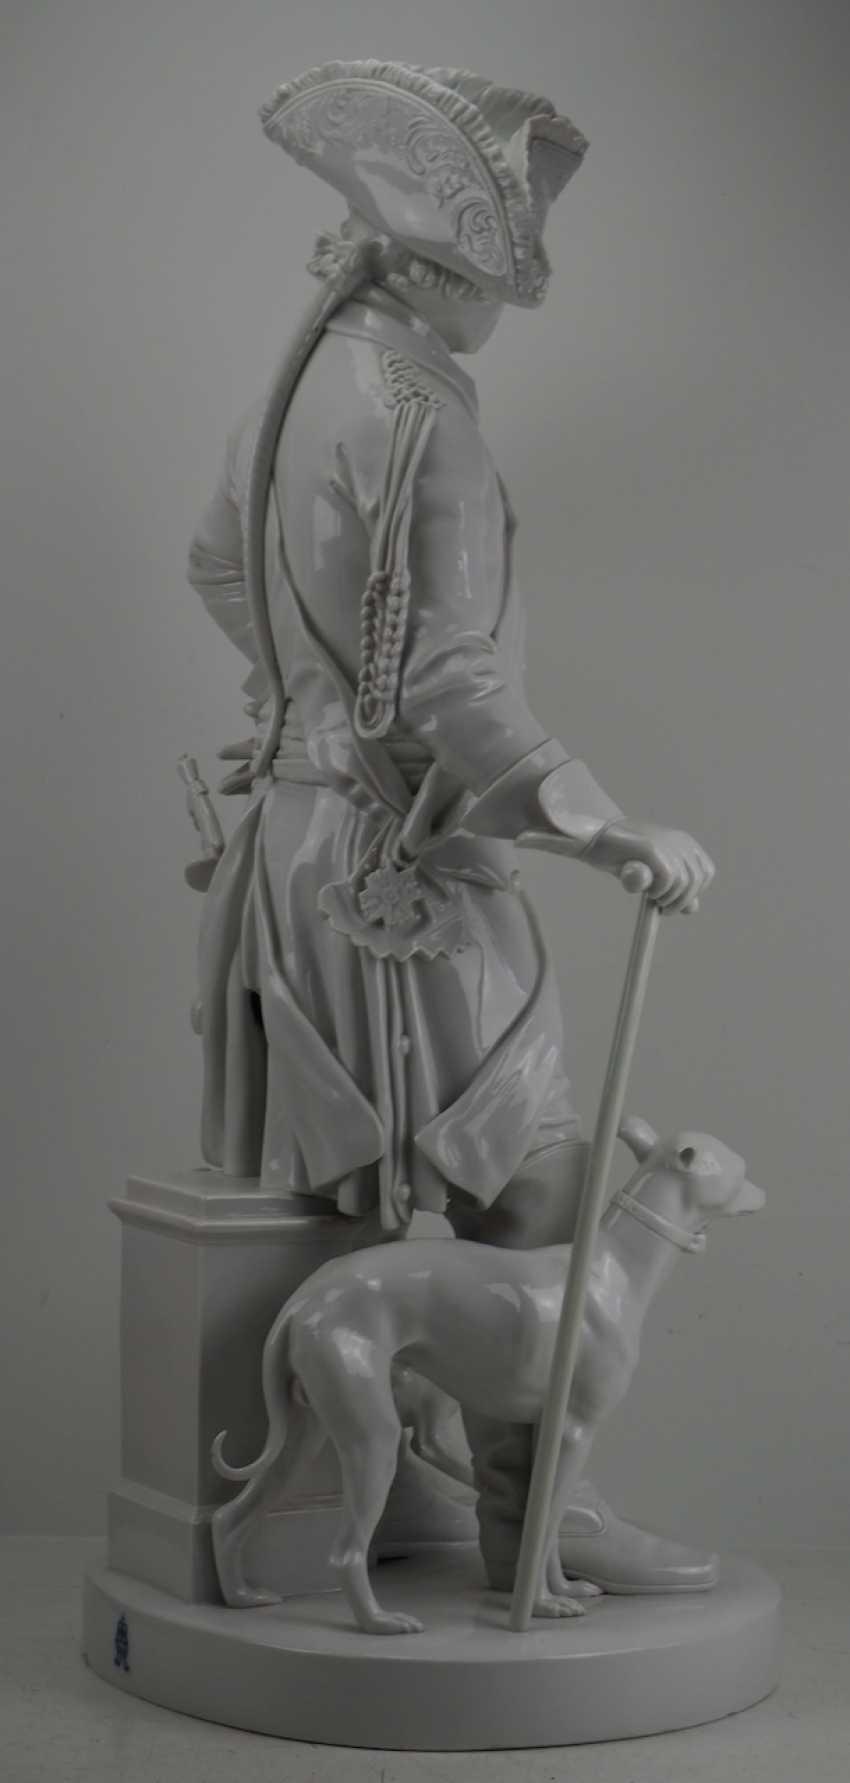 Шадов, Volkstedt: Фридрих Великий - Монументальной фарфоровой статуэткой. - фото 5